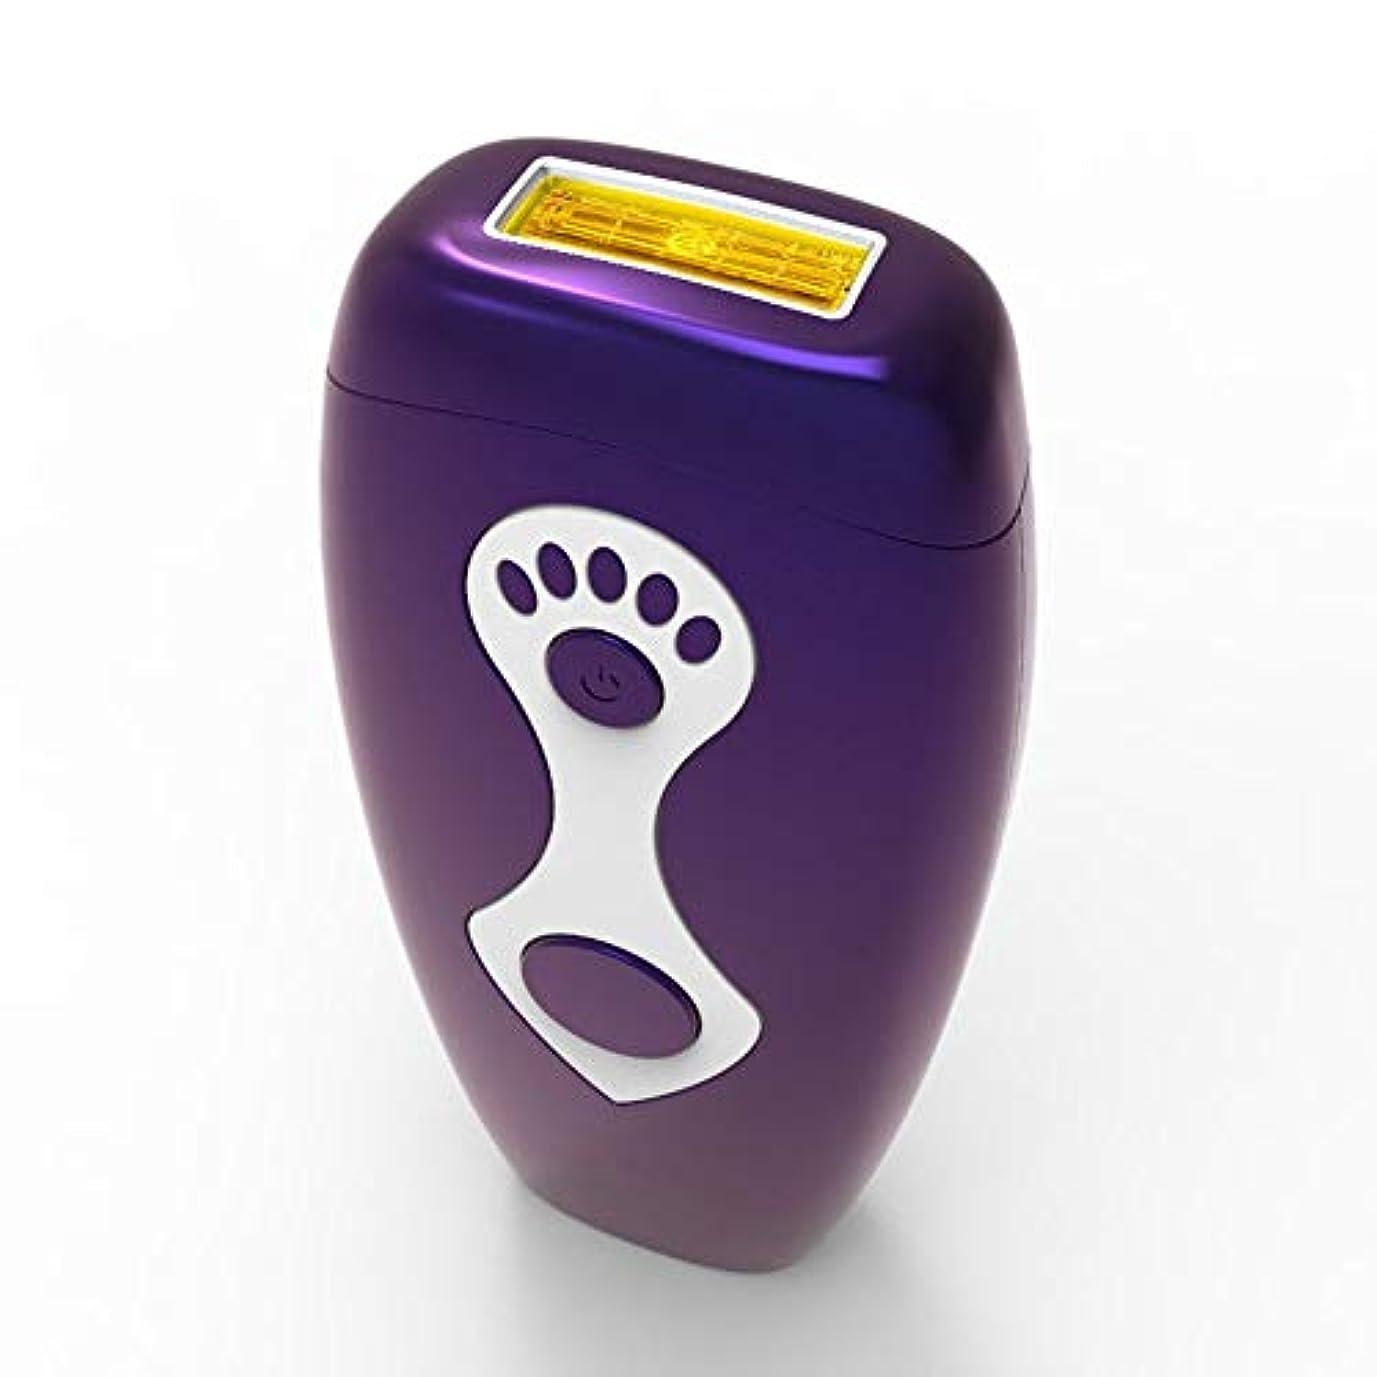 同様の辞任する冷淡なNuanxin パーマネント脱毛、家庭用ニュートラルヘアリムーバー、柔らかい肌、マルチ運動エネルギー、安全性、グレード5無料調整、サイズ7.5×16.5 Cm F30 (Color : Purple)